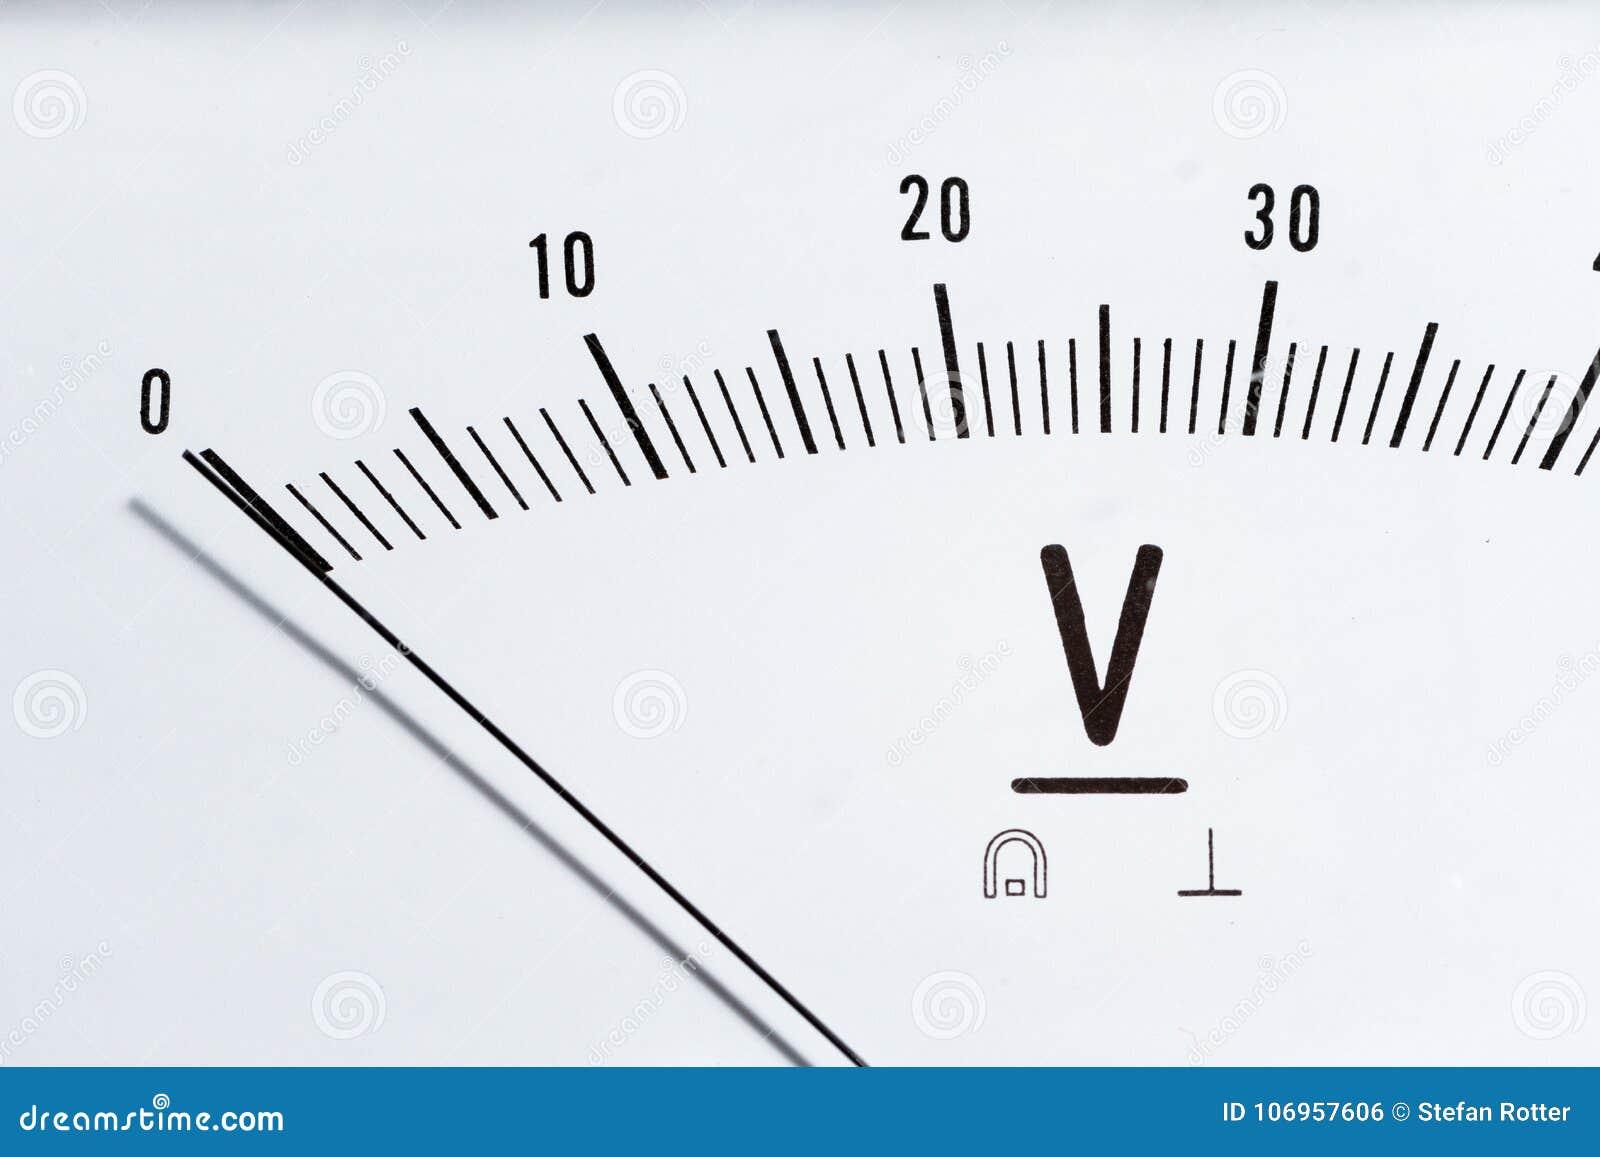 Detalle de un voltímetro análogo, escala del indicador